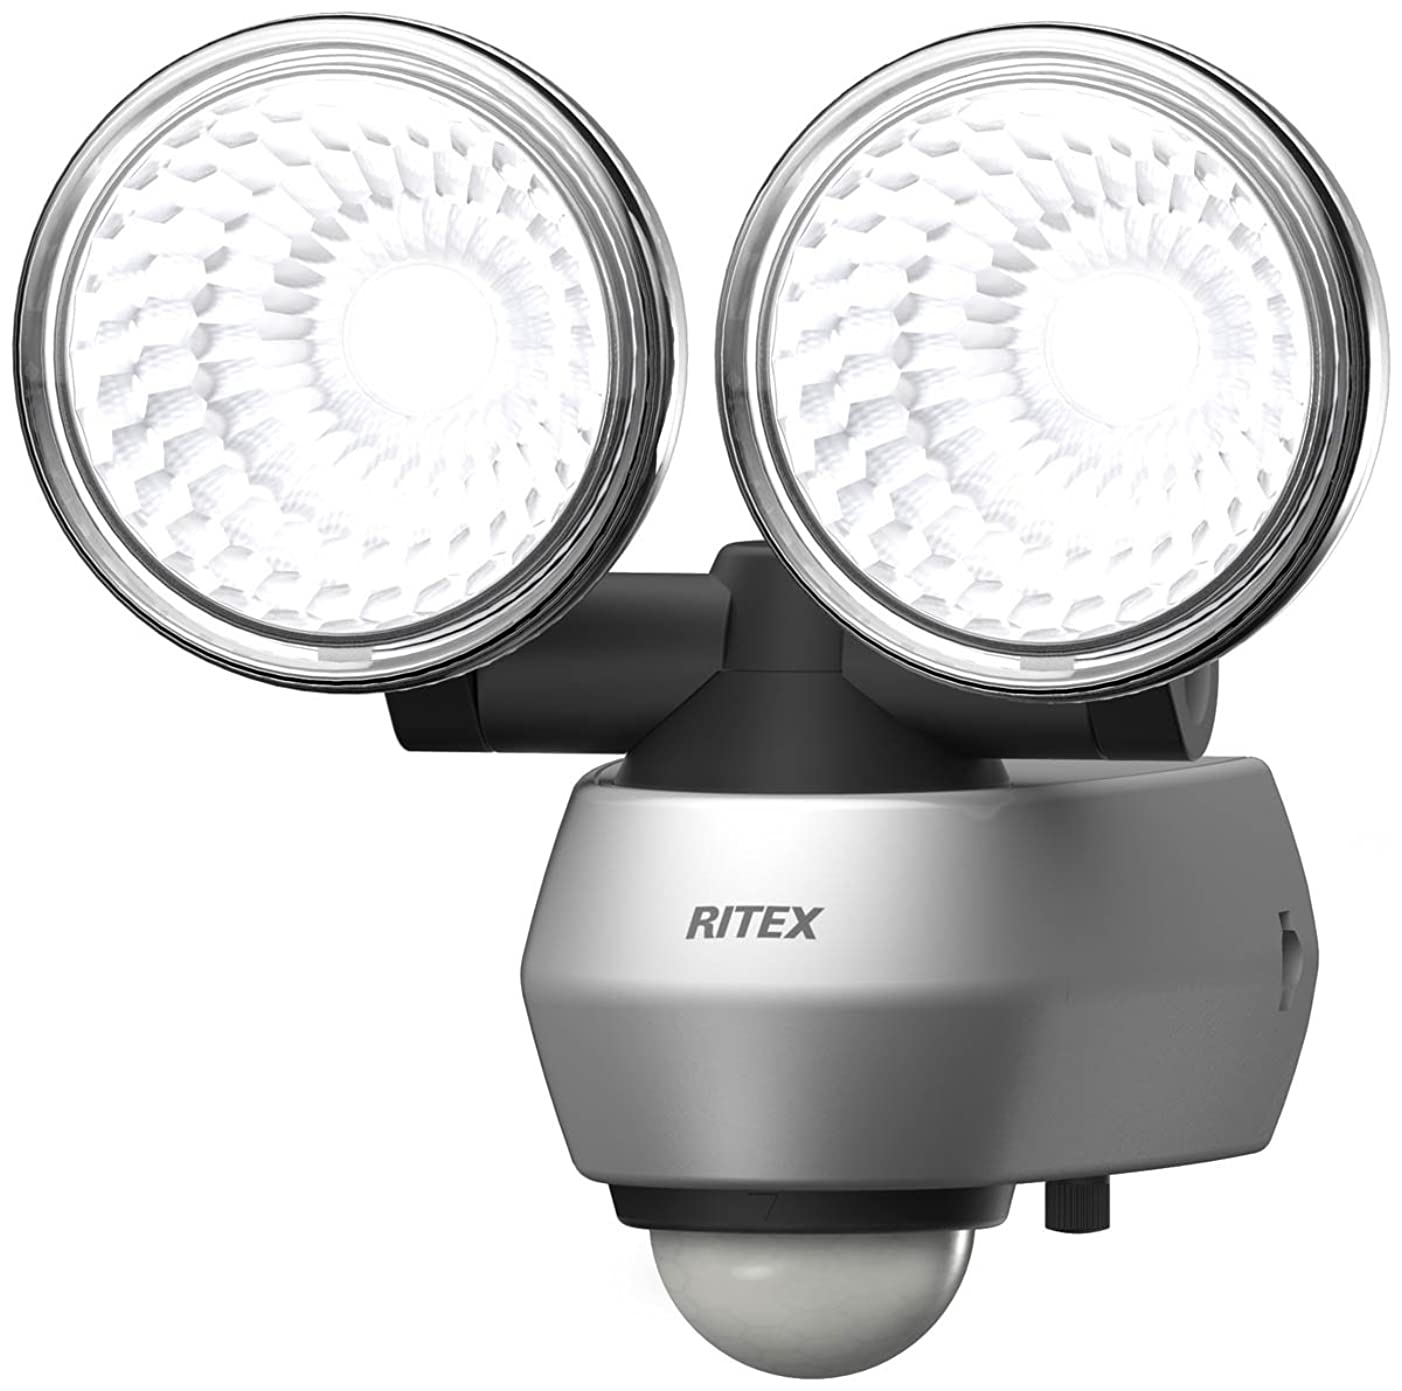 空気ブレーキパーフェルビッドムサシ RITEX 10W×2 LEDセンサーライト(2灯式) 「コンセント式」 LED-AC2020